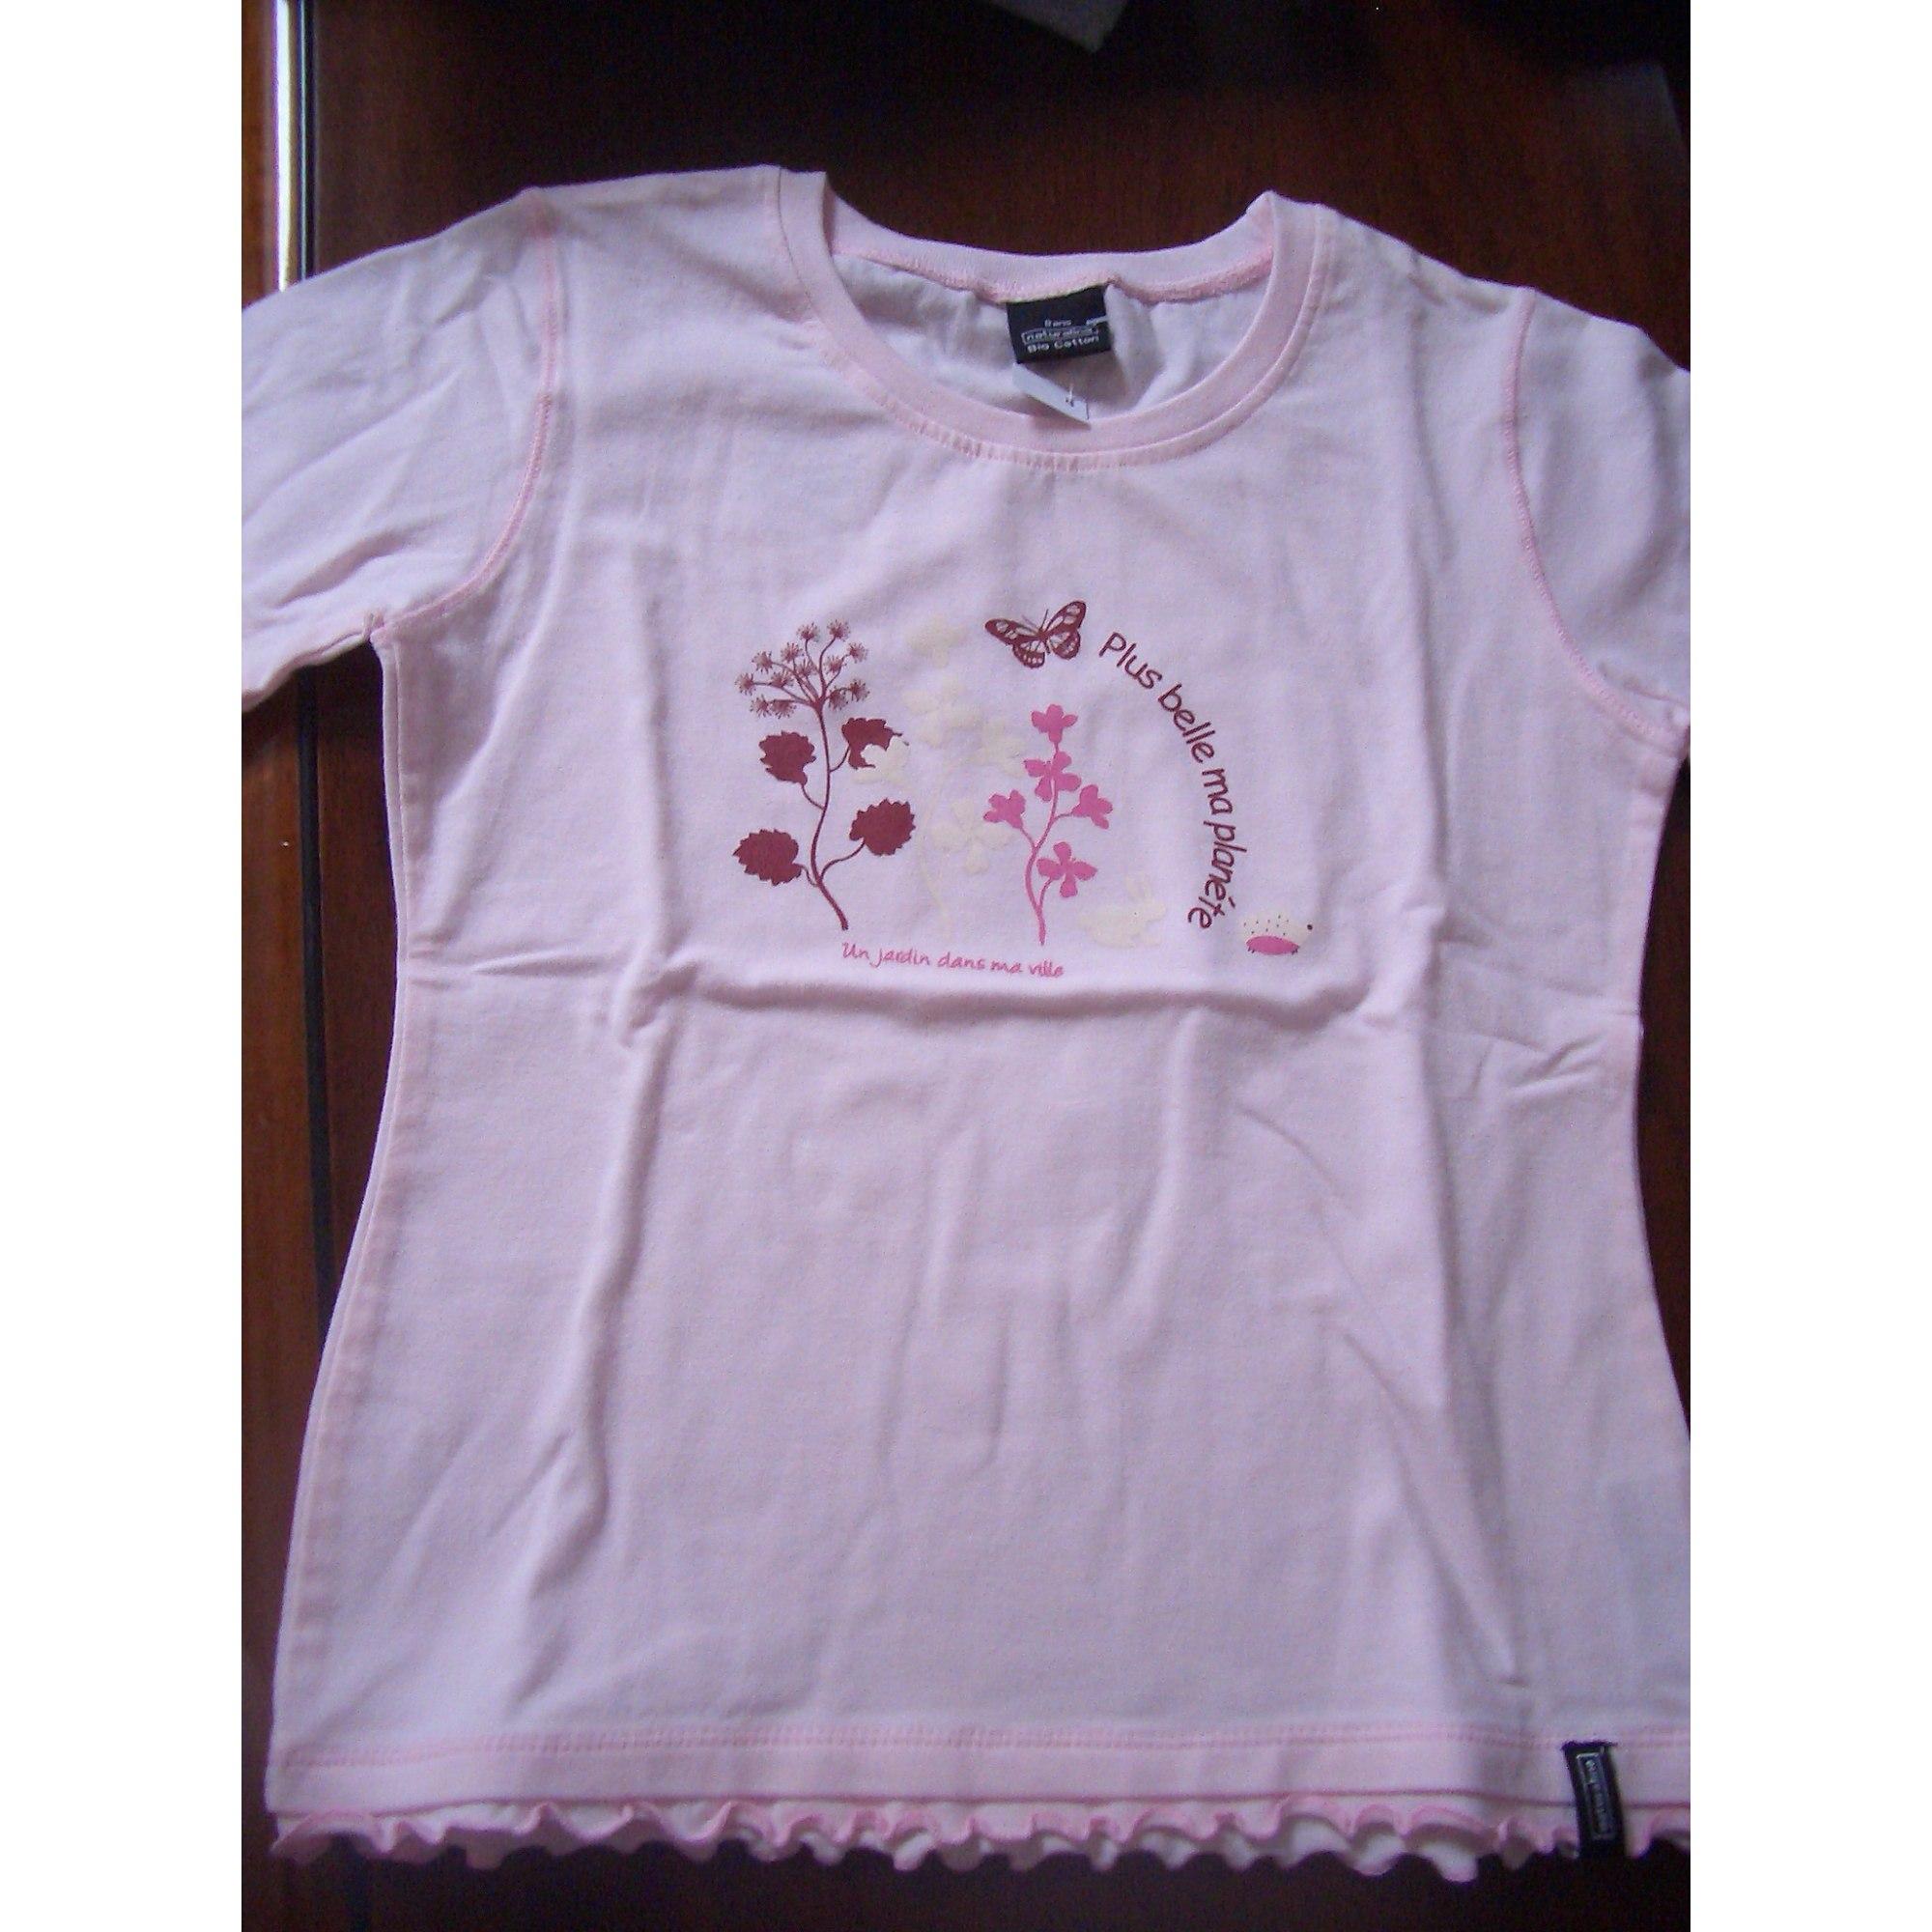 Top, Tee-shirt NATURALINE Rose, fuschia, vieux rose